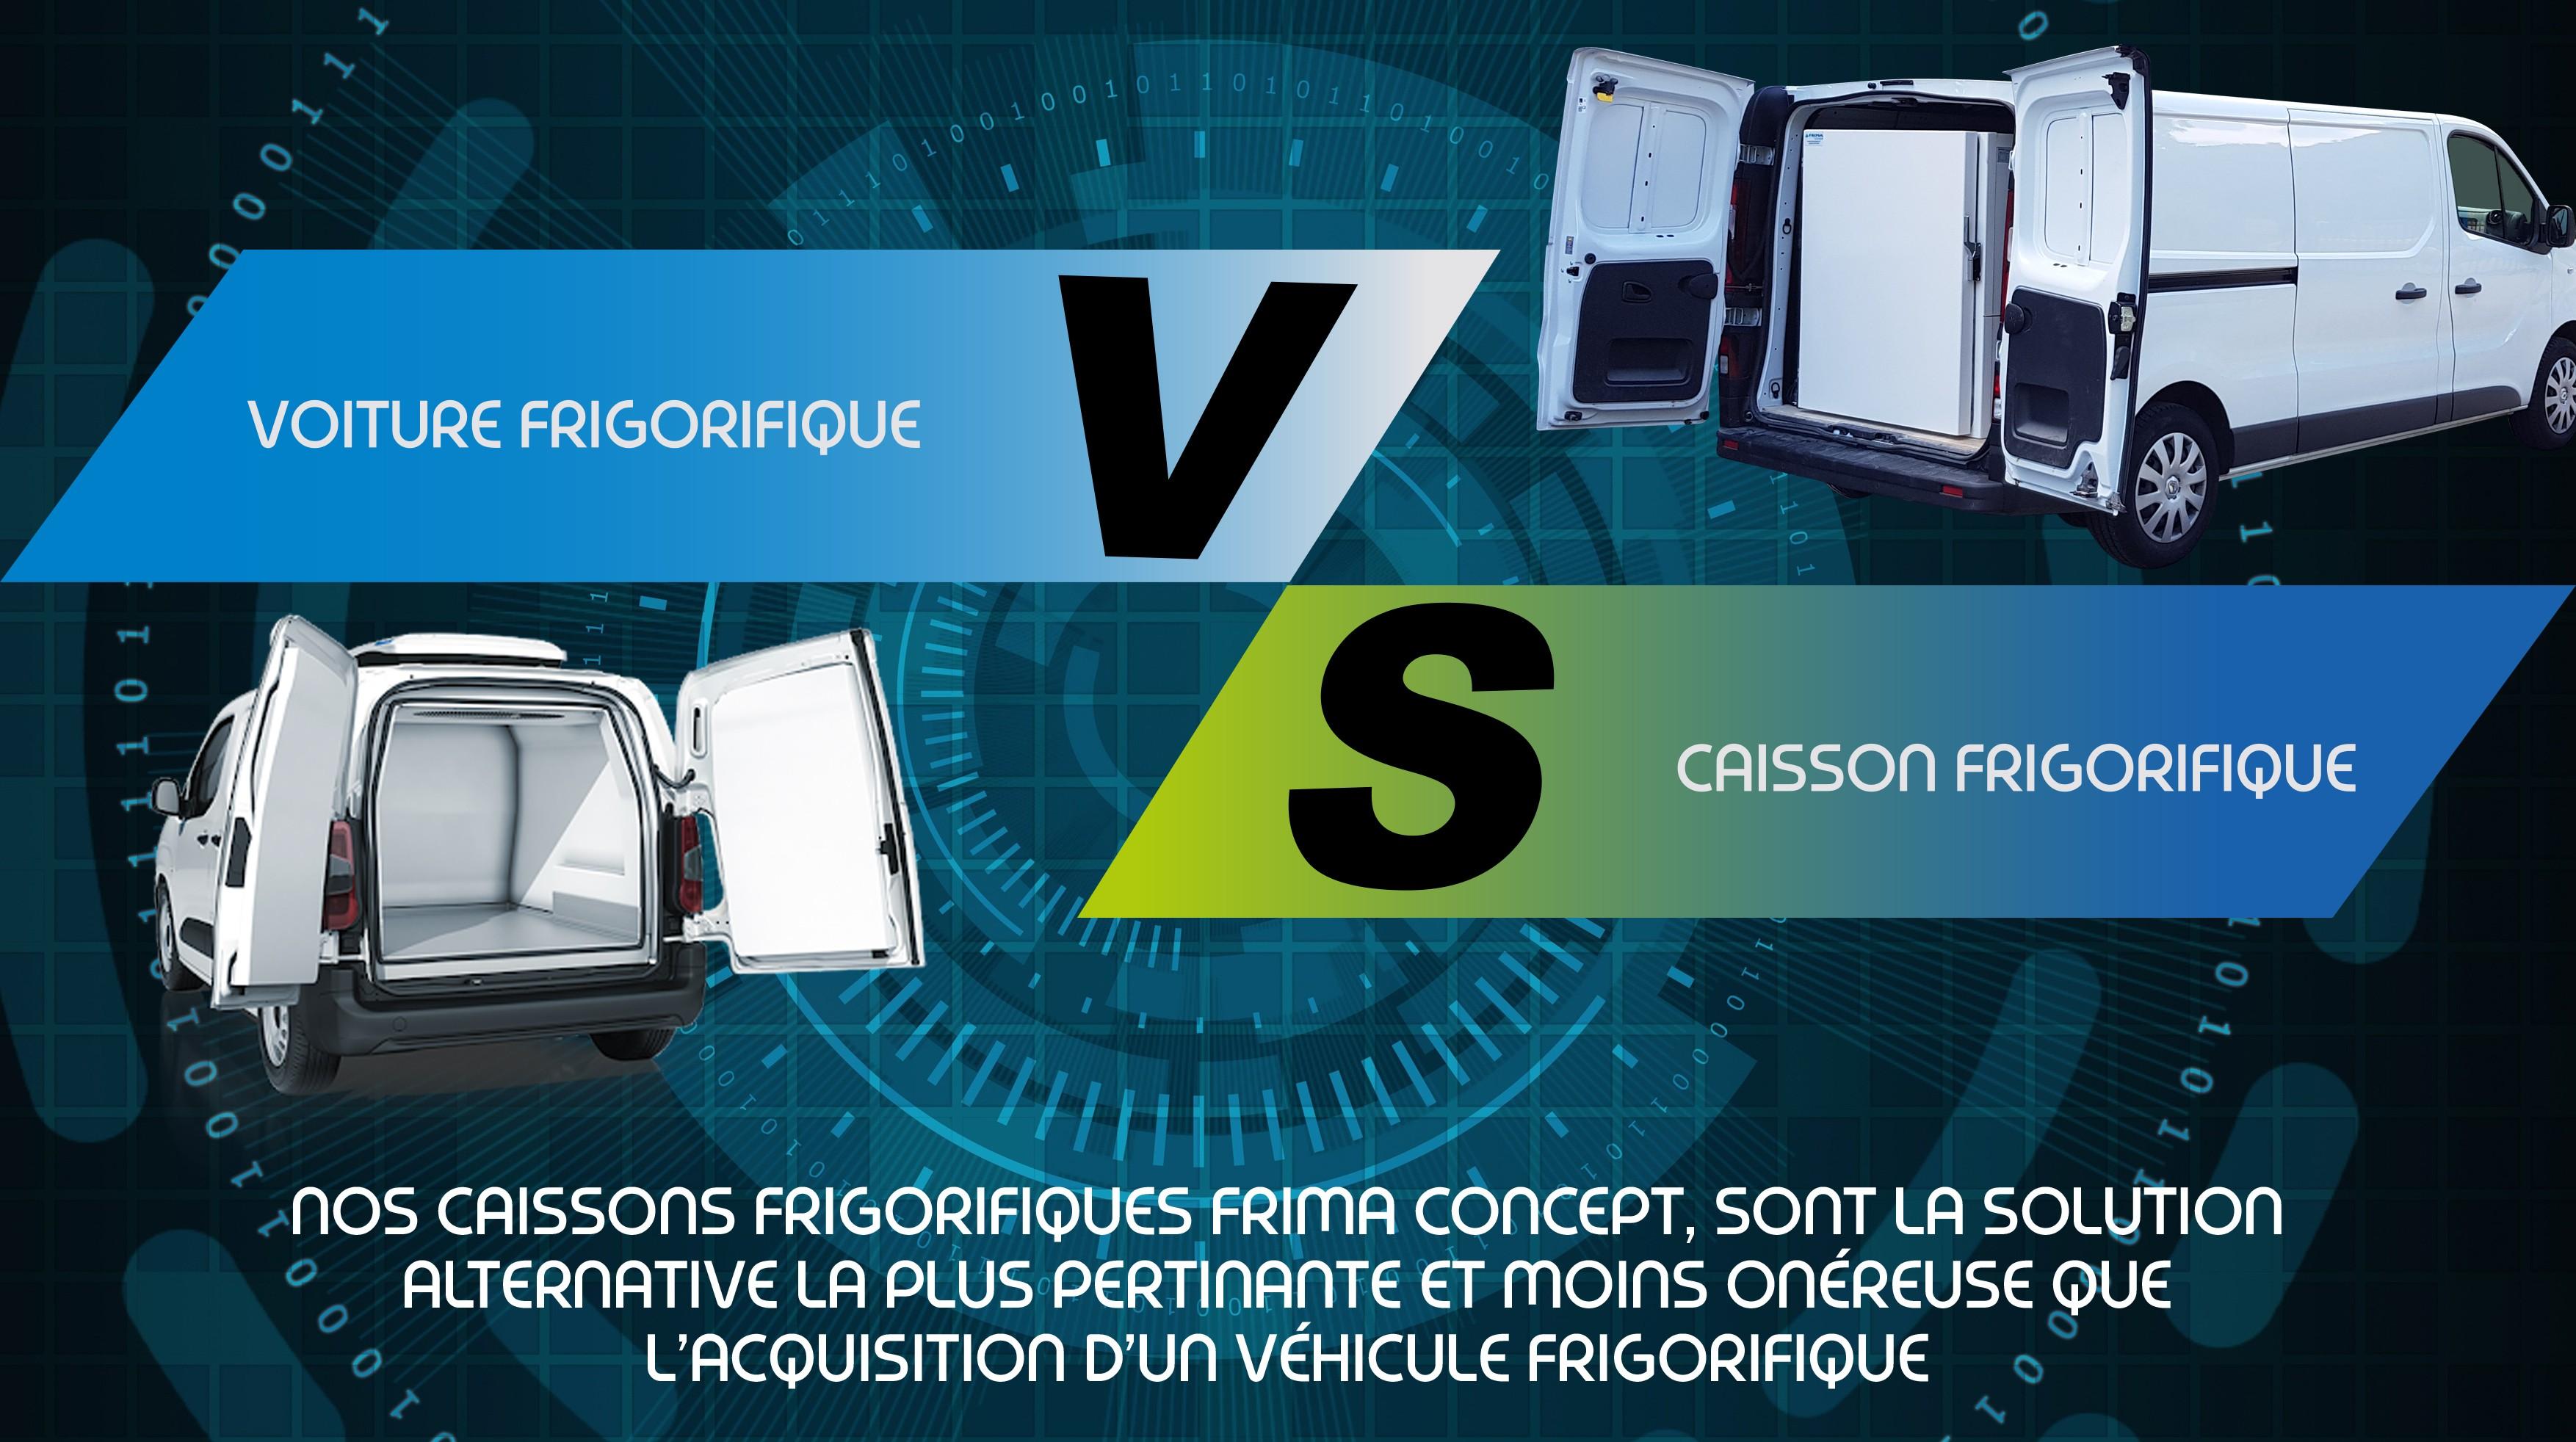 découvrez pourquoi la solution d'un caisson frigorifique est intéressante  FRIMA Concept